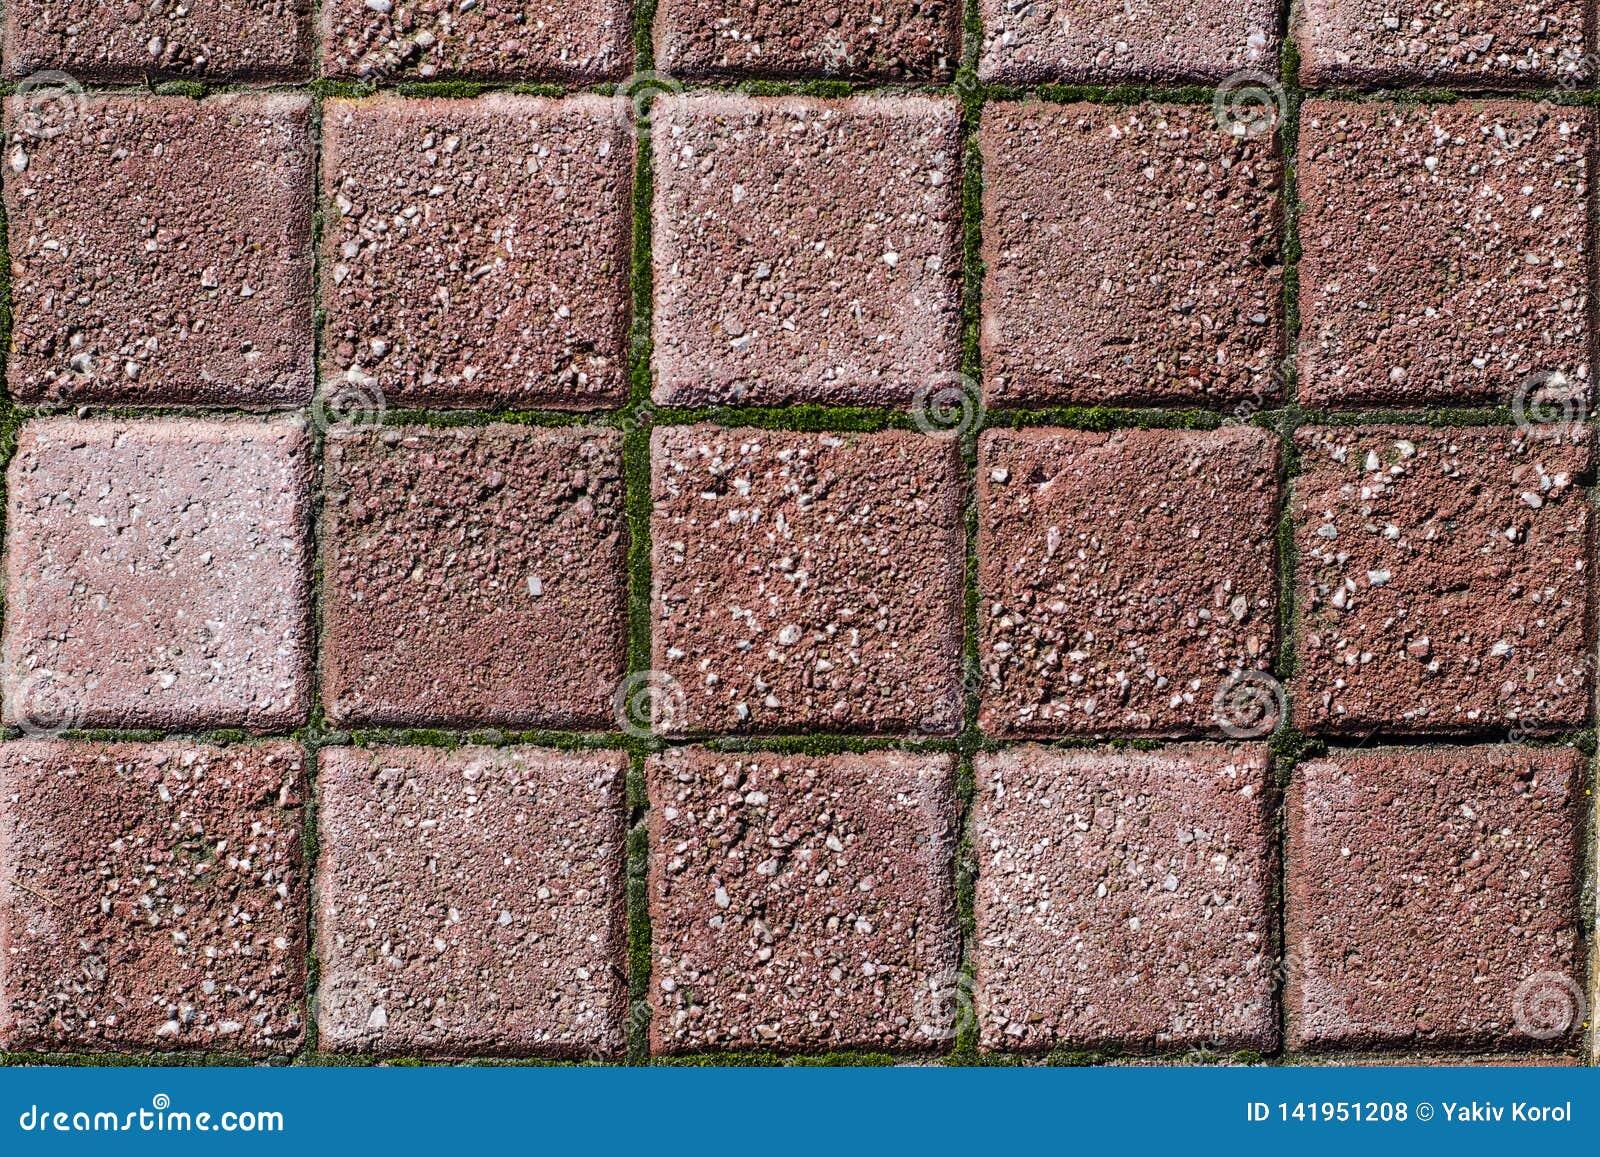 Ζωηρόχρωμη πλάκα επίστρωσης, υπόβαθρο κεραμιδιών πεζοδρομίων; Μωσαϊκό οδικής σύστασης Αθήνα, Ελλάδα